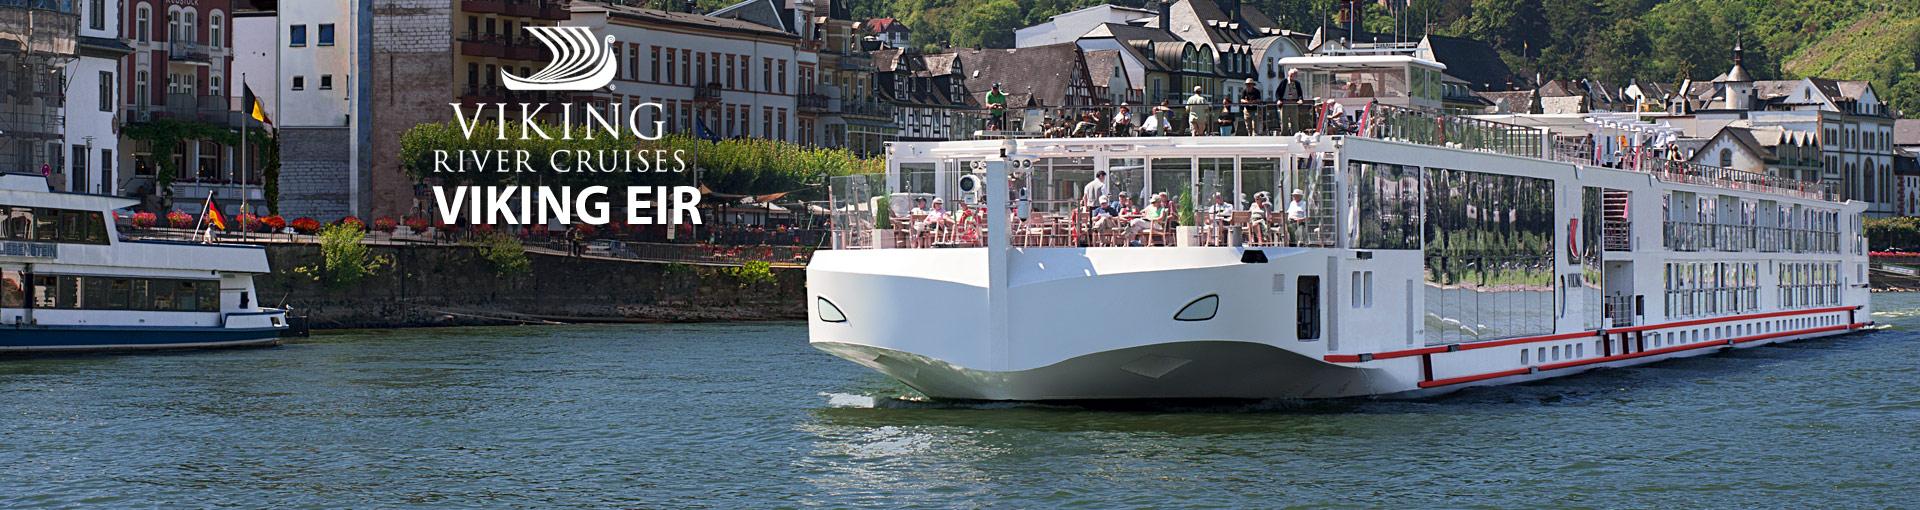 Viking Eir Cruise Ship 2018 And 2019 Viking Eir